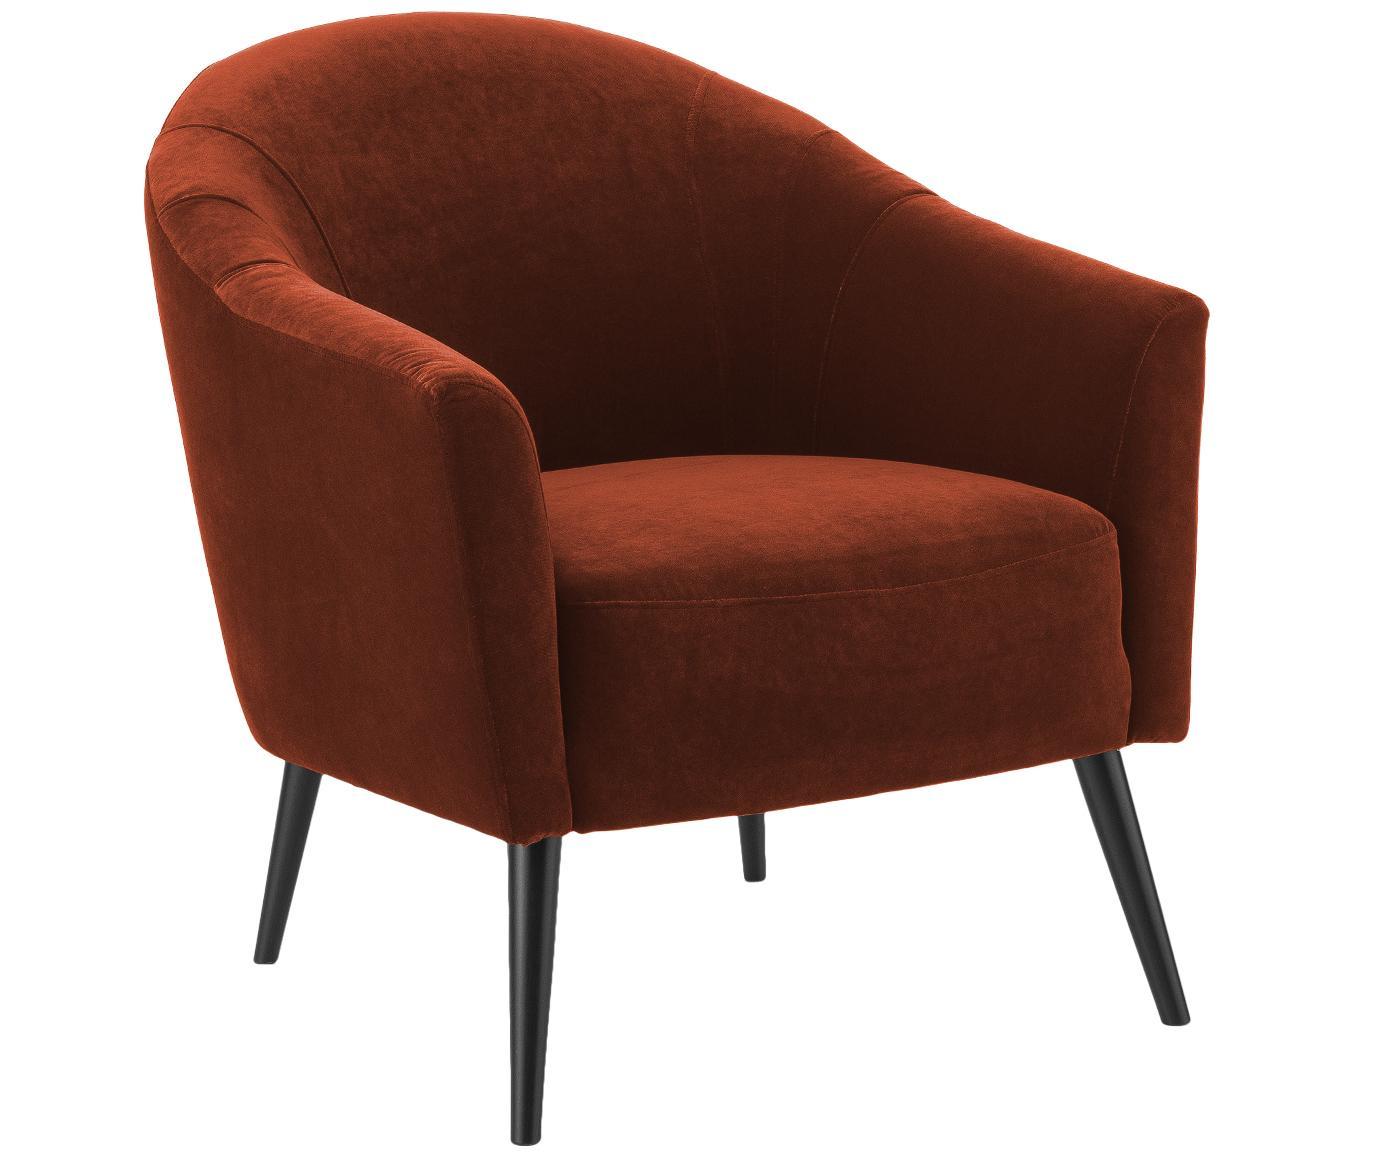 Fotel z aksamitu Pascall, Tapicerka: aksamit (100% poliester), Nogi: drewno bukowe, lakierowan, Rudy, S 75 x G 86 cm